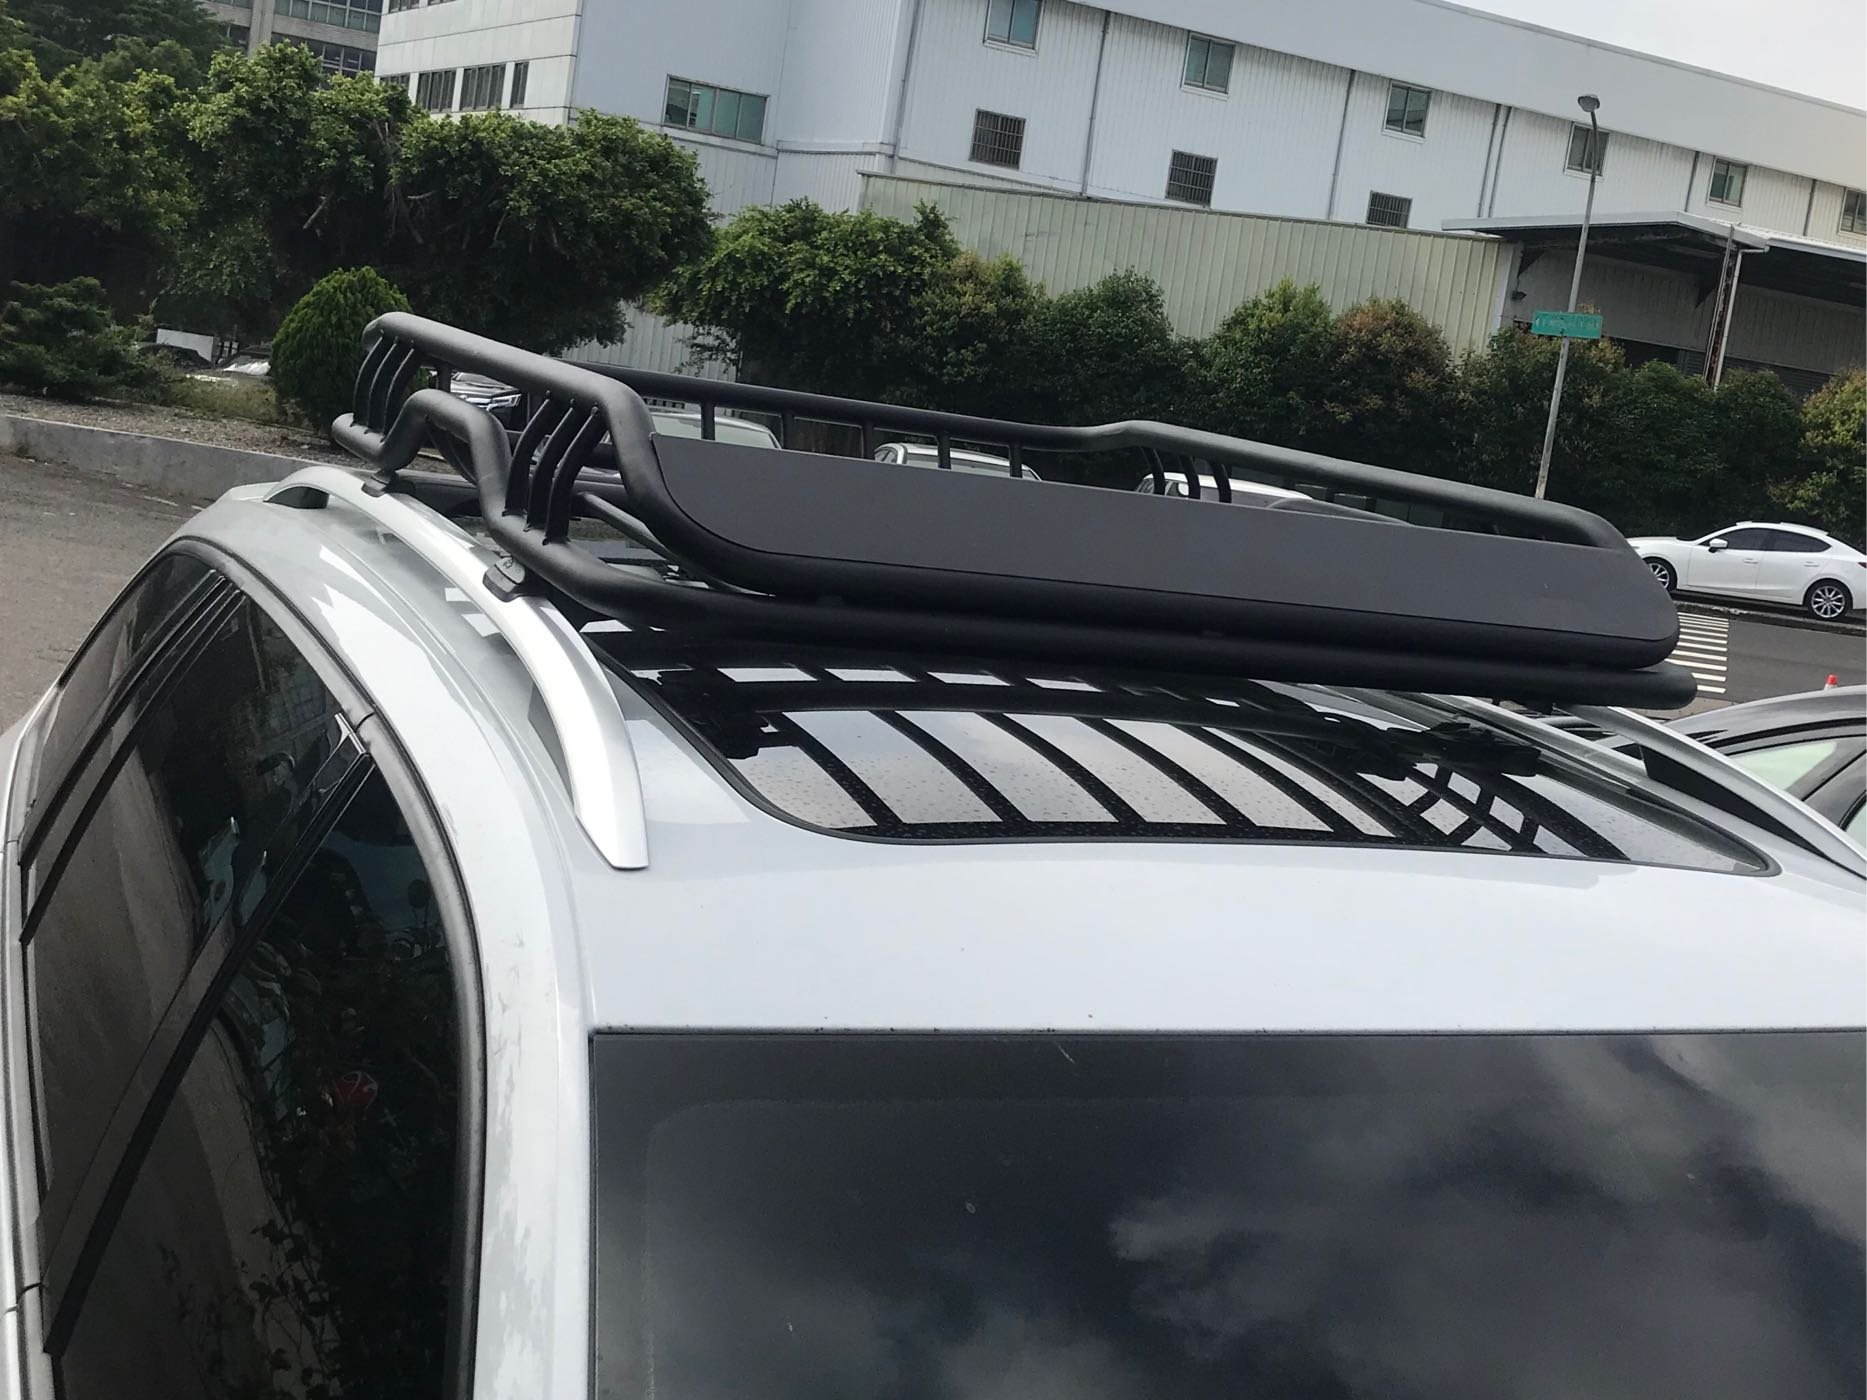 車頂籃 置物籃 置物架 行李框 露營 旅行 Golf RAV4 CRV Caddy Tiguan Wish 森林人 Focus Kuga A4 Q5 V60